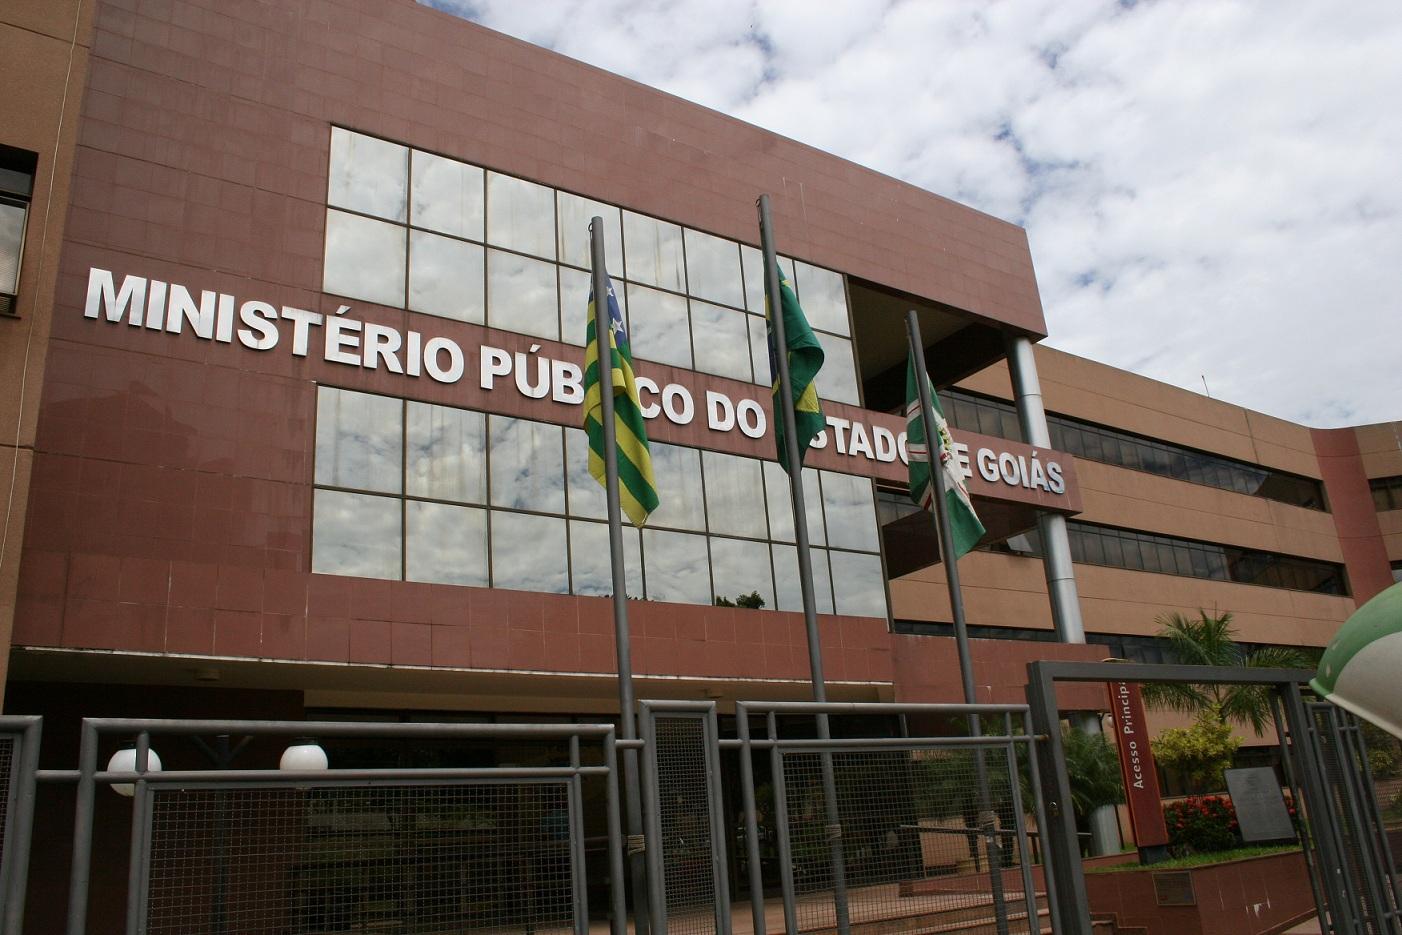 Servidores públicos e empresário são denunciados por desvio de mais de R$ 1 milhão em Iporá